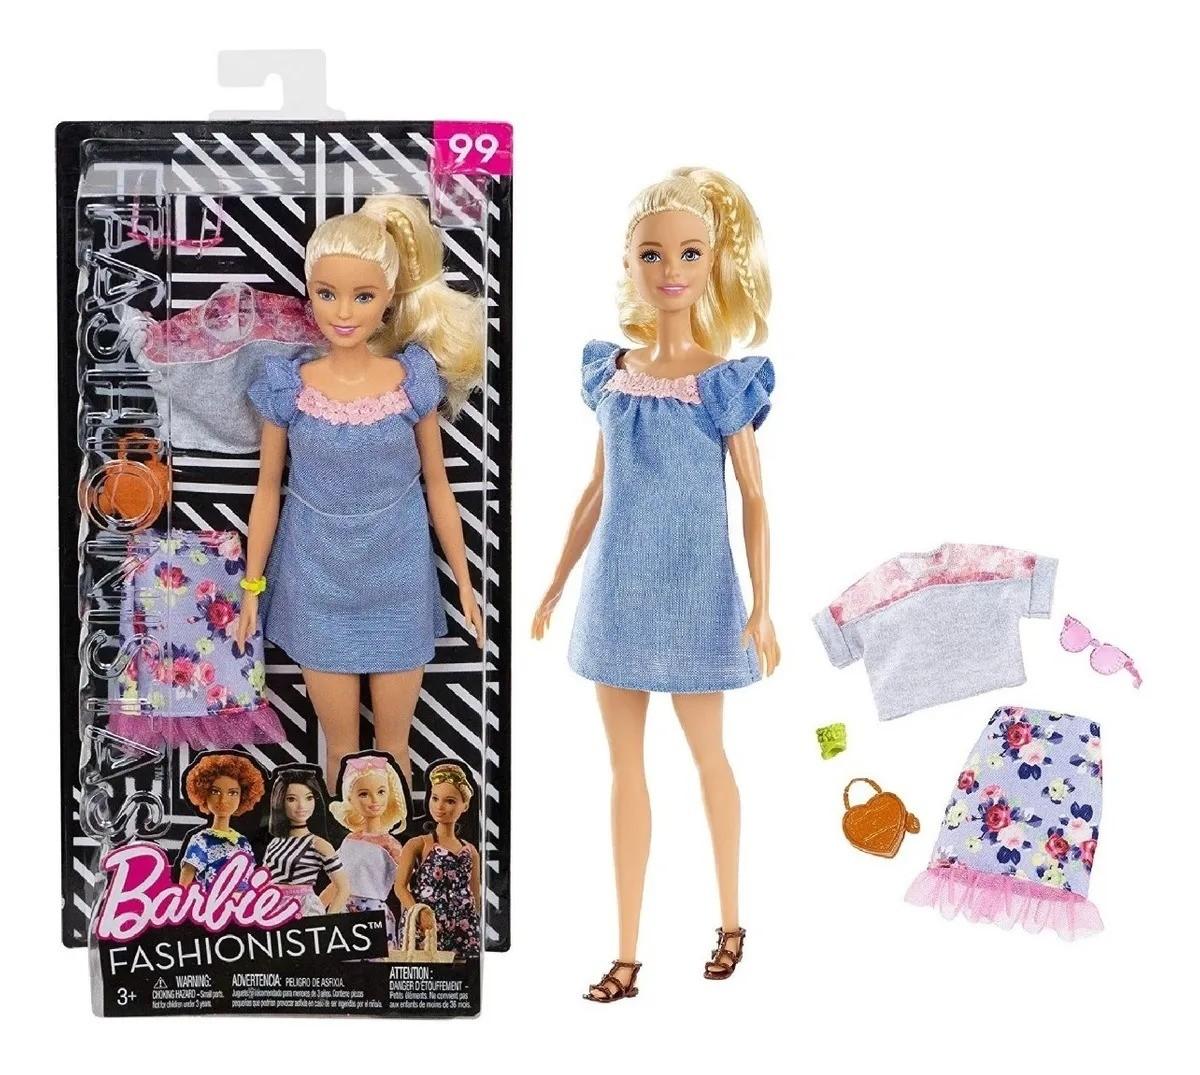 Boneca Barbie Fashionista Loira Com Roupinhas e Acessórios Modelo 99 Mattel